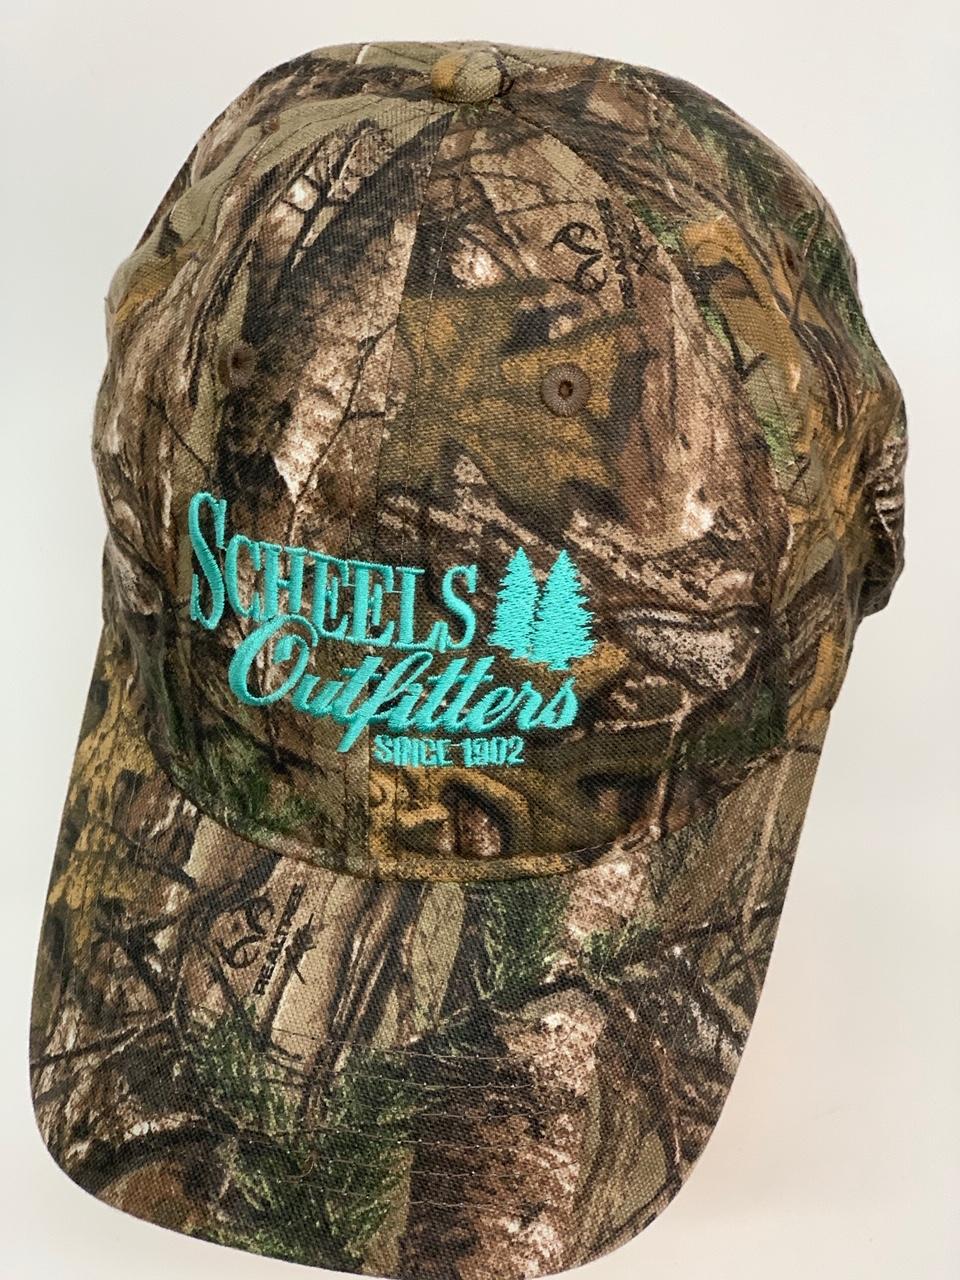 Бейсболка камуфляж Scheels Outfitters с голубой вышивкой